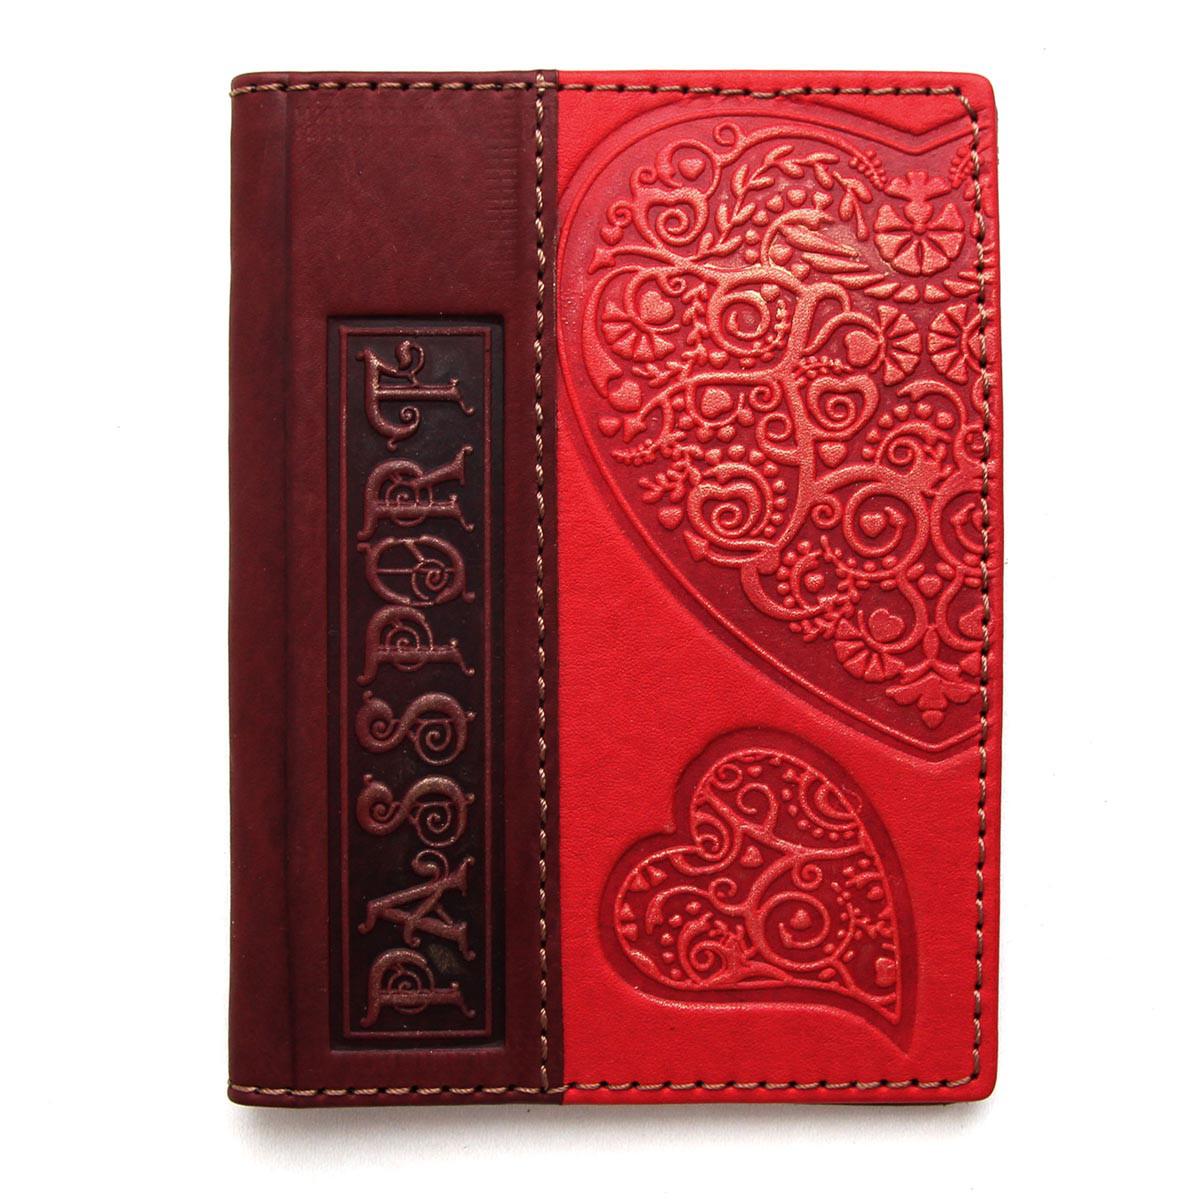 """Обложка на паспорт из натуральной кожи с художественным тиснением """"Любовь"""" (Guk)"""